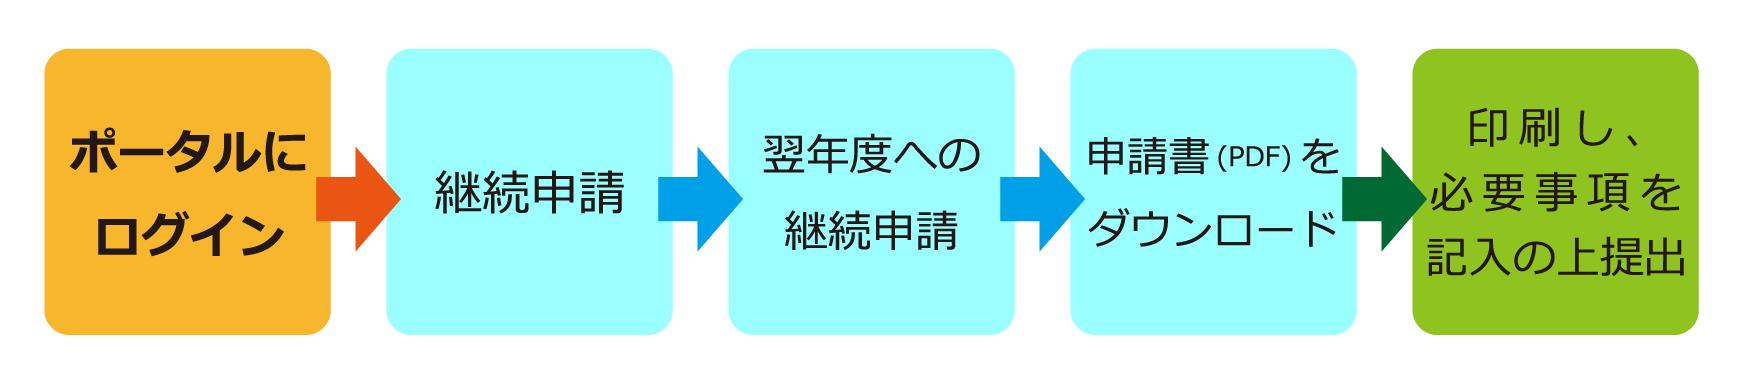 継続申請-紙